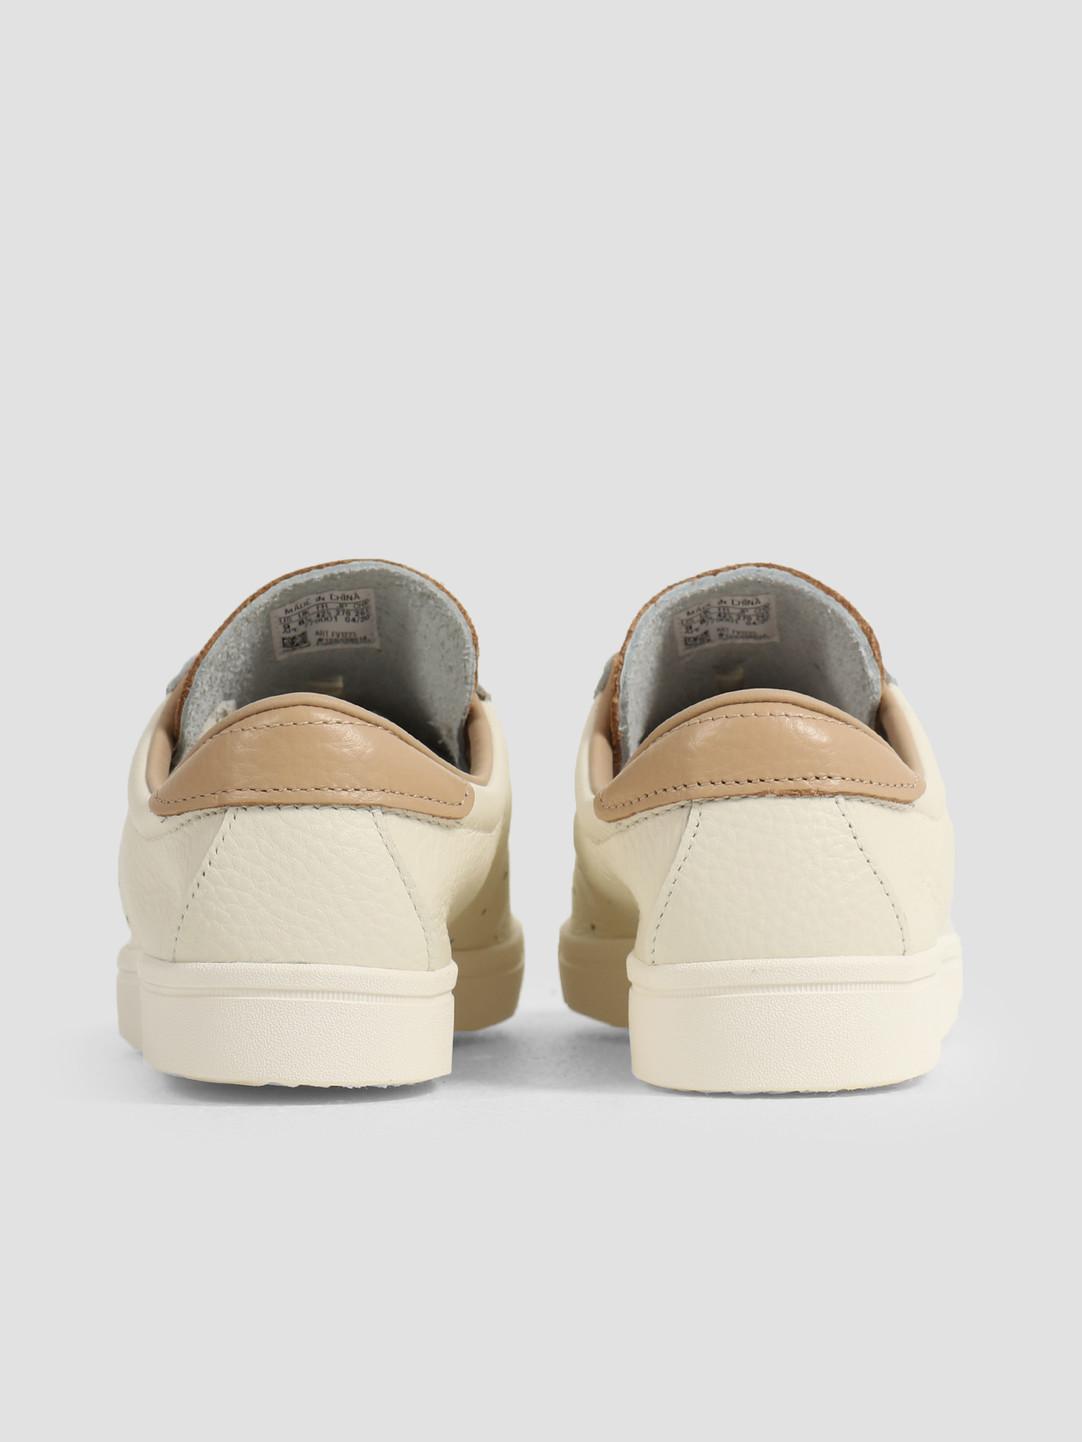 adidas adidas Lacombe Off-White Off-White Stpanu FV1225